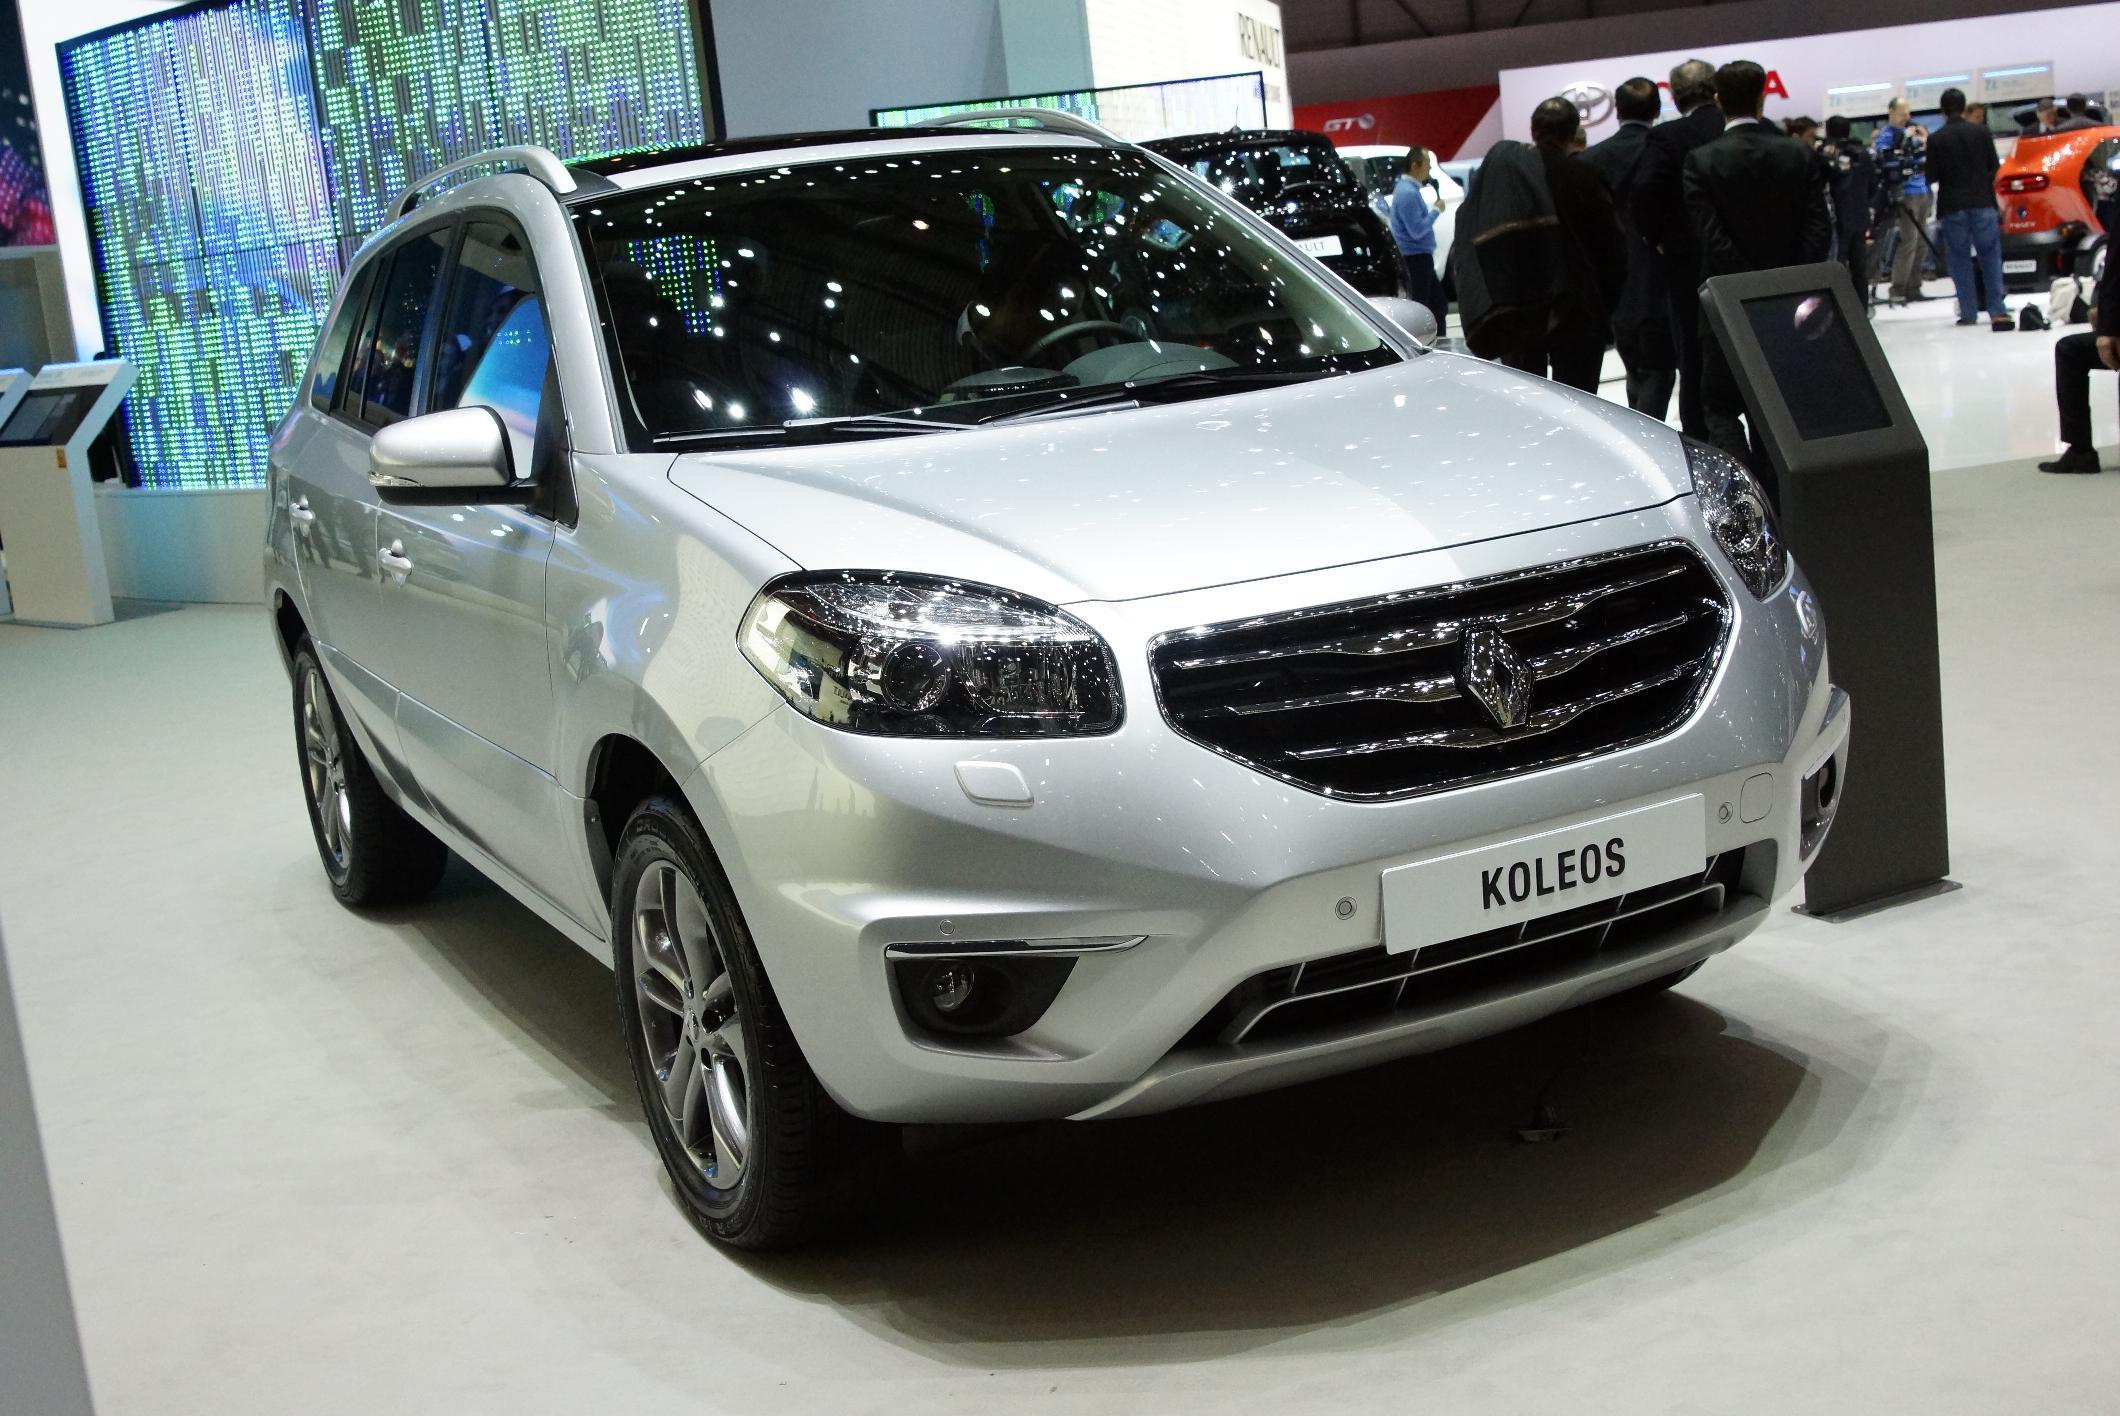 Renault Koleos Geneva 2012